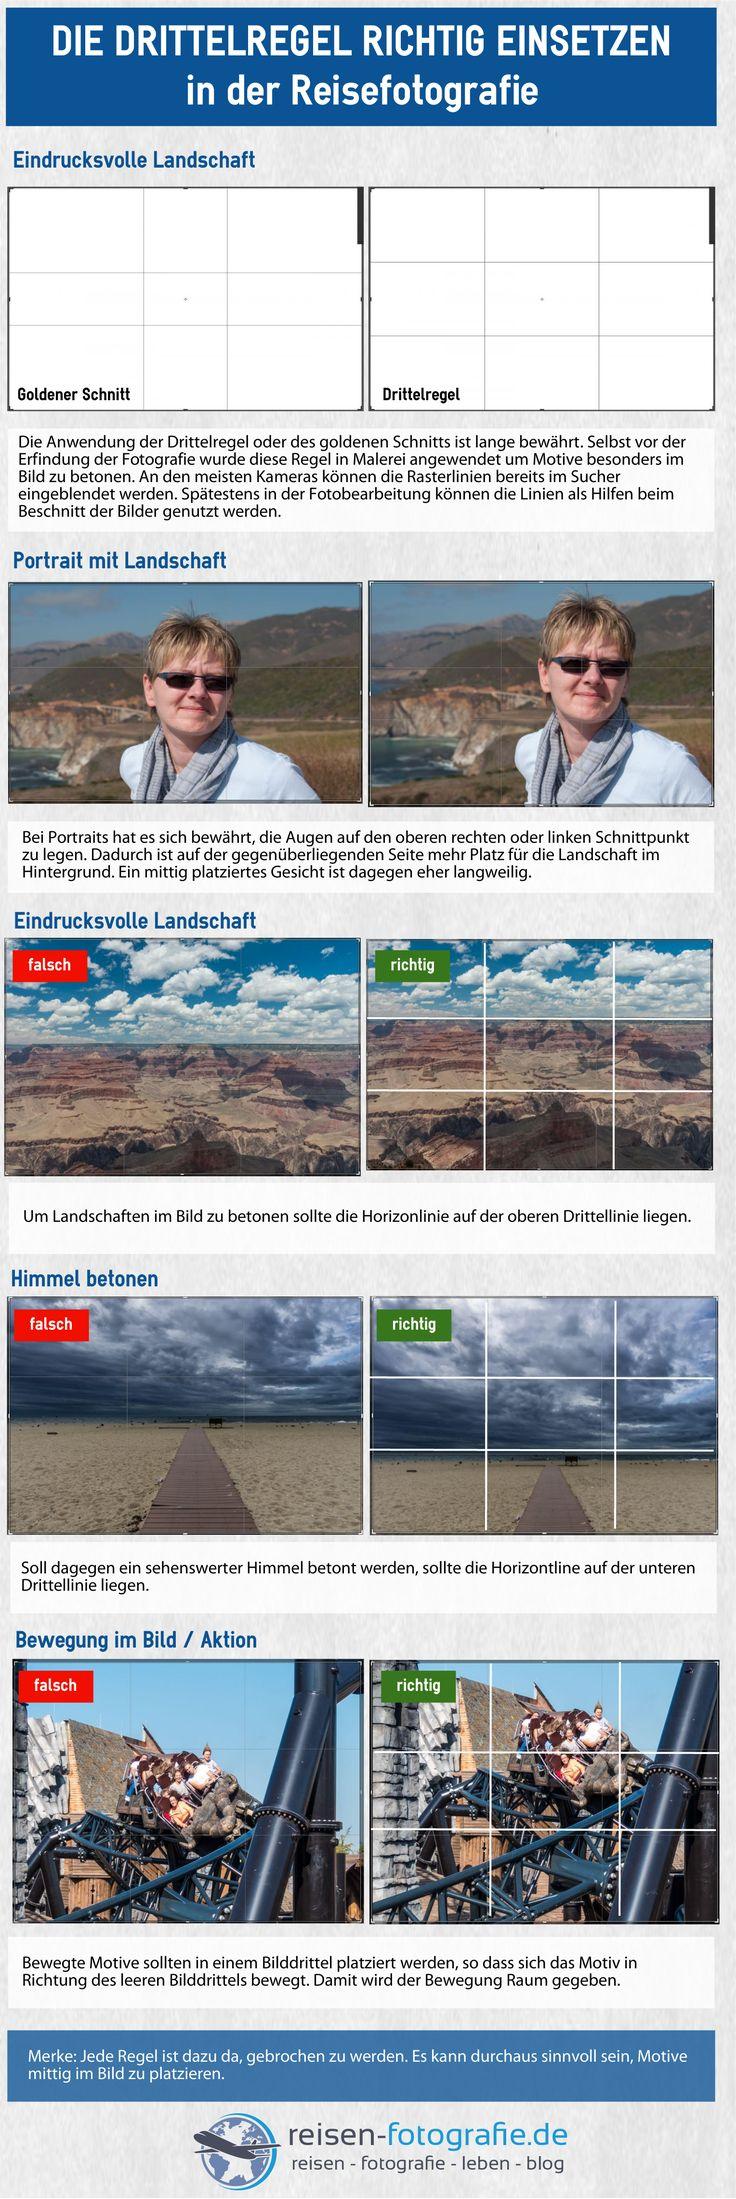 Fotoschule für Reisefotos – Der Weg zum schöneneren Urlaubsfoto